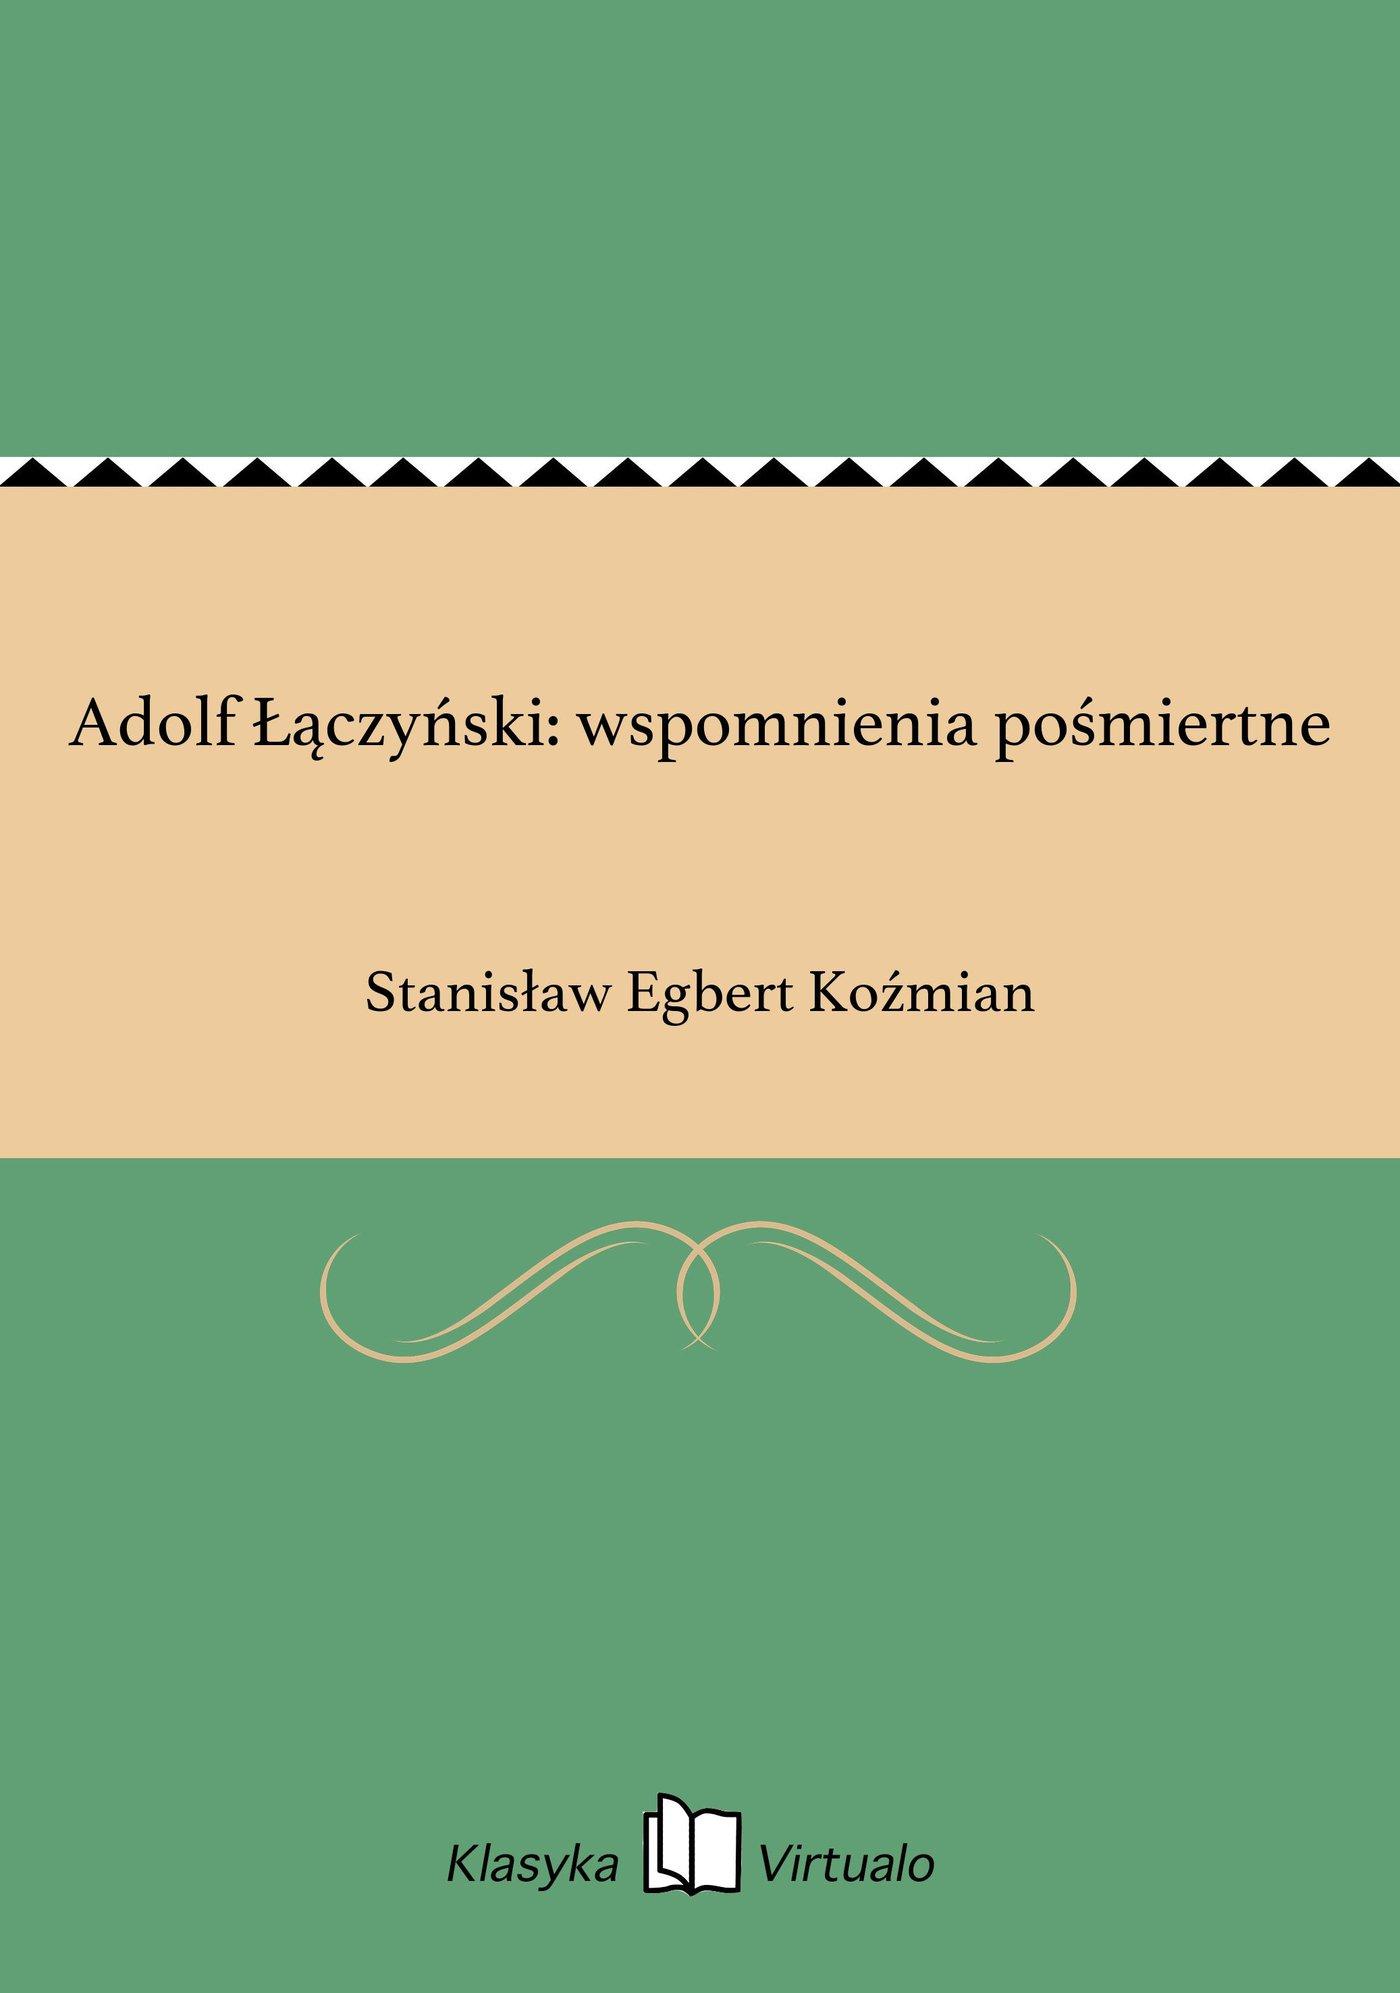 Adolf Łączyński: wspomnienia pośmiertne - Ebook (Książka EPUB) do pobrania w formacie EPUB